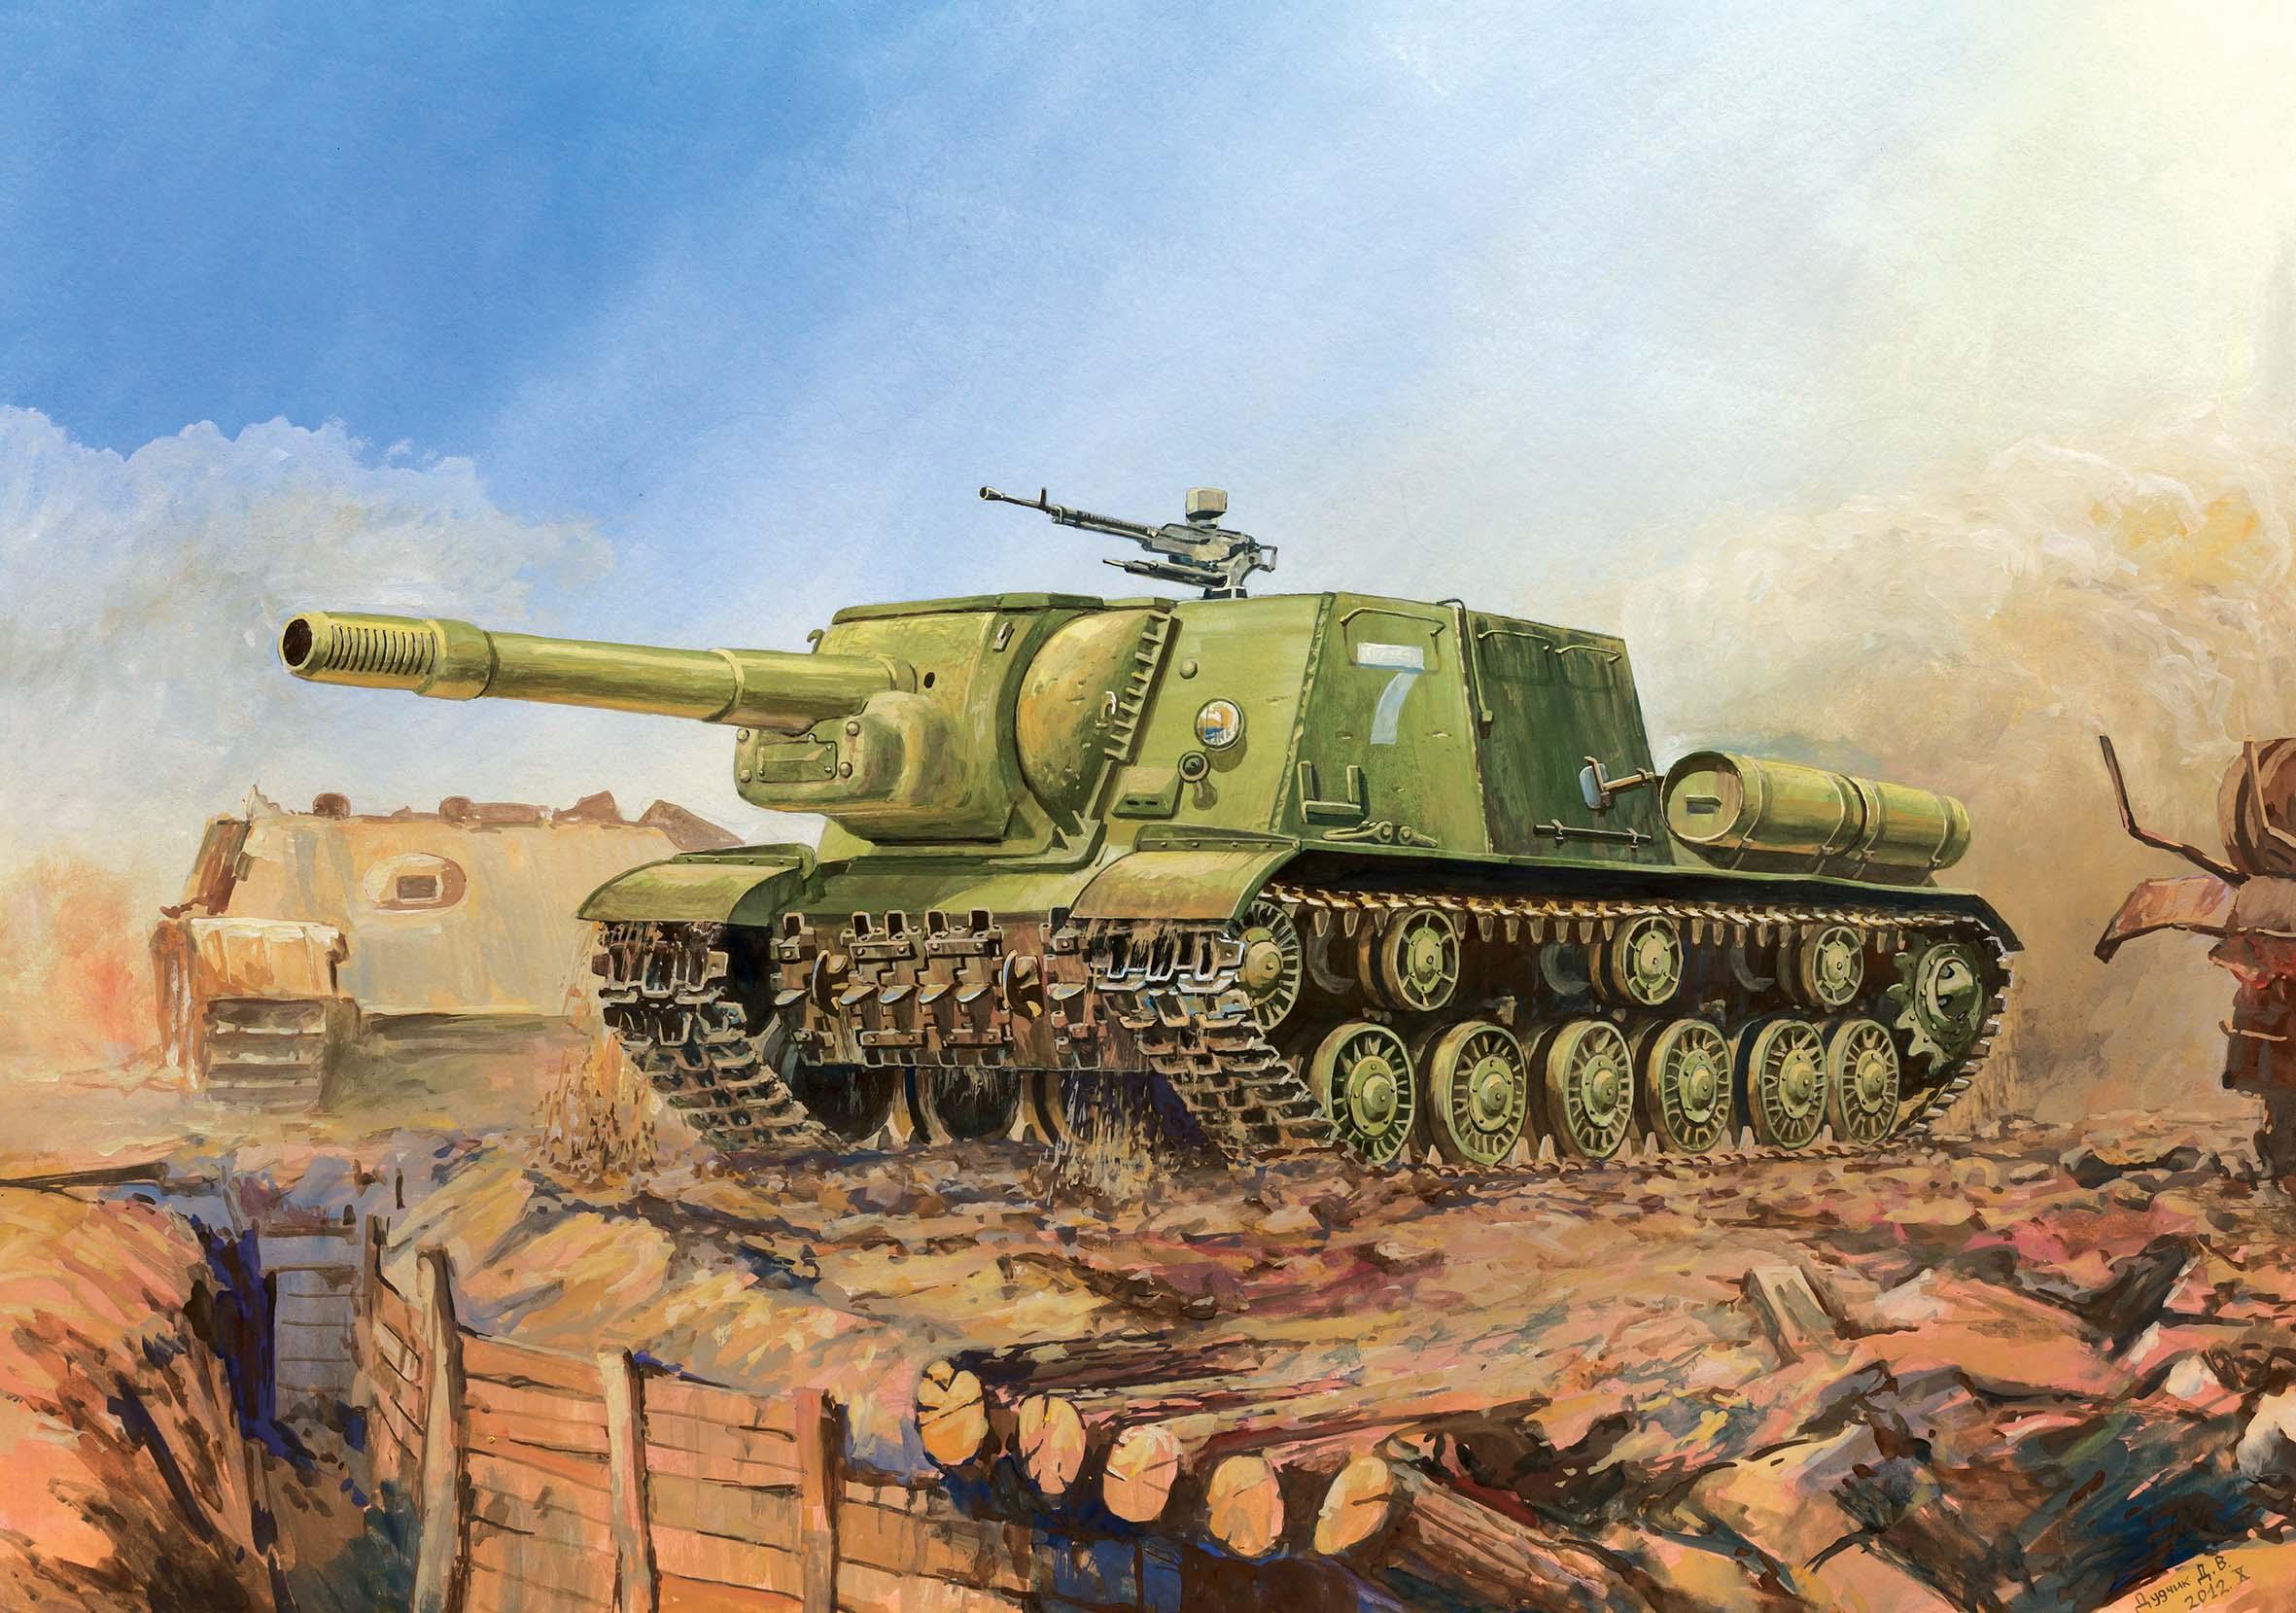 Zvezda sovětské samohybné dělo ISU-152 (1:35)